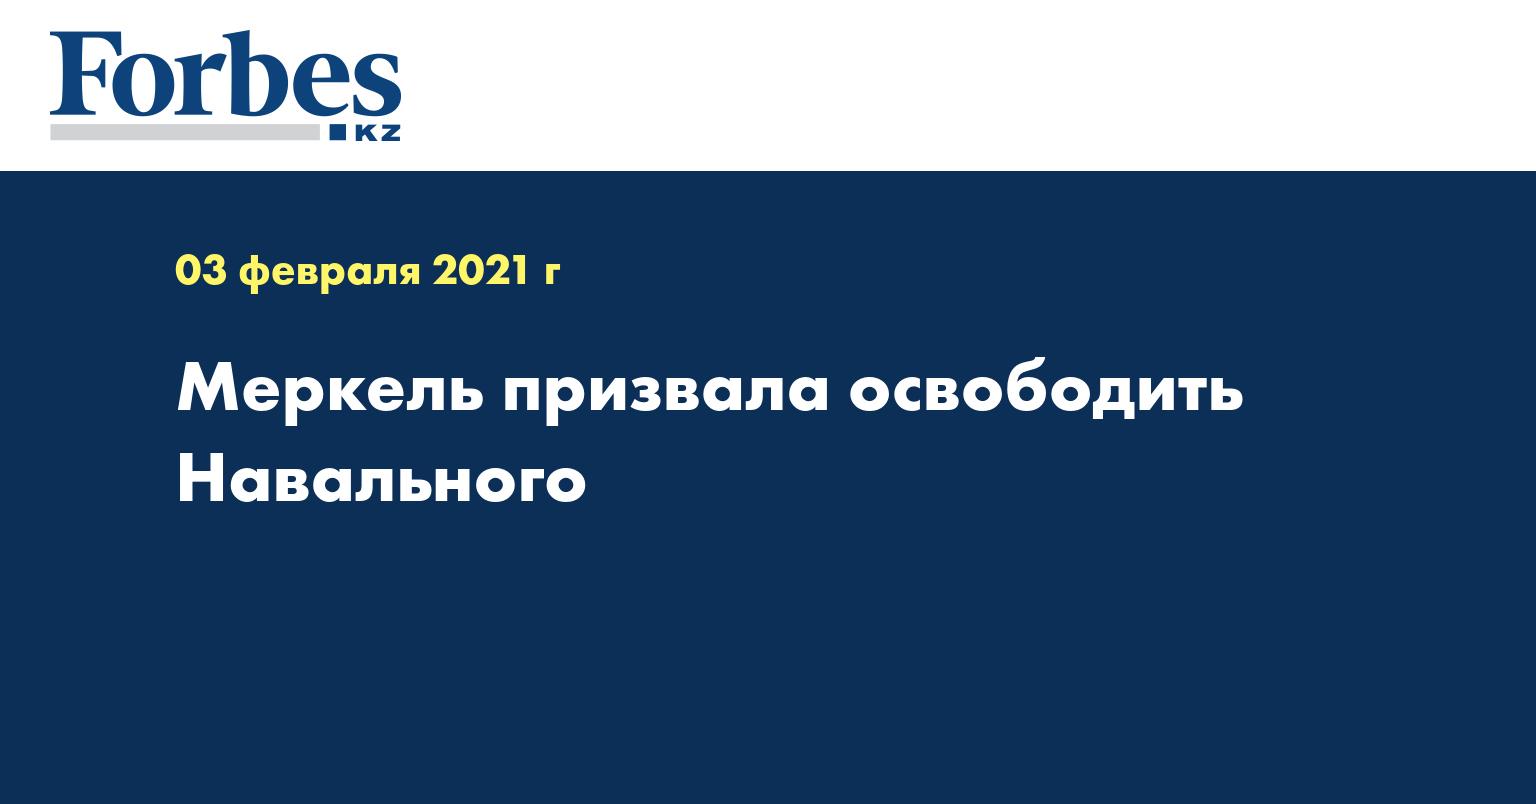 Меркель призвала освободить Навального